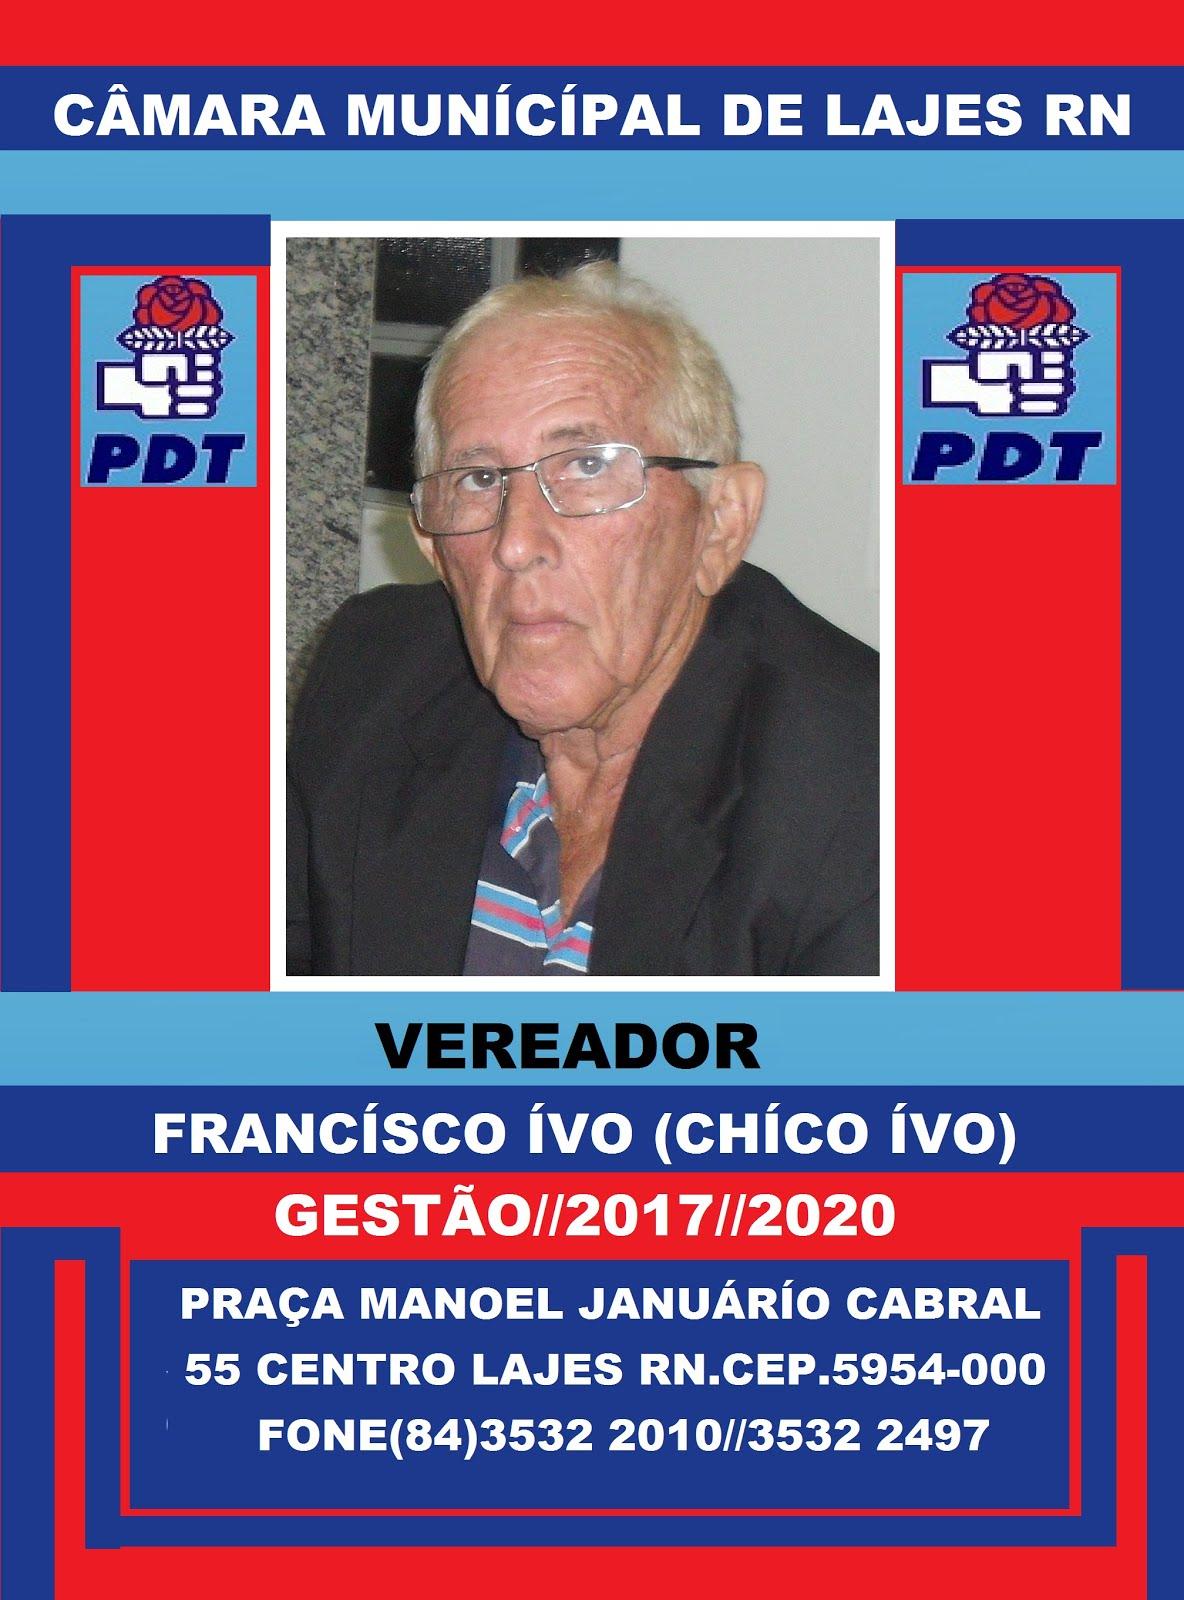 VEREADOR CHICO IVO LAJES/RN